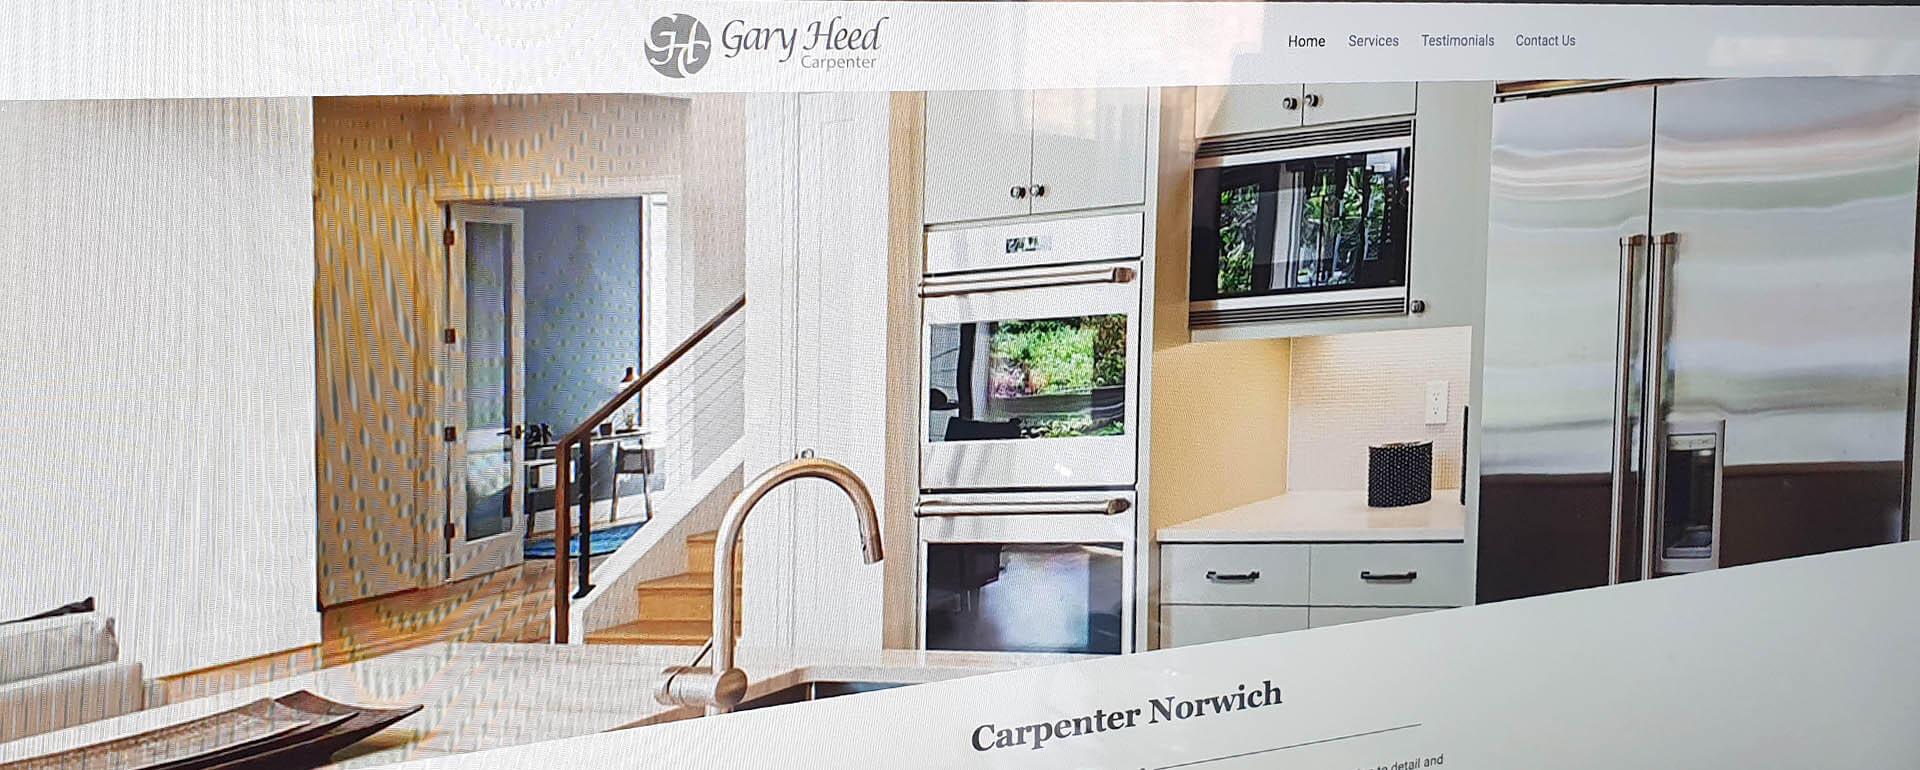 Web site Design Carpenter Norwich